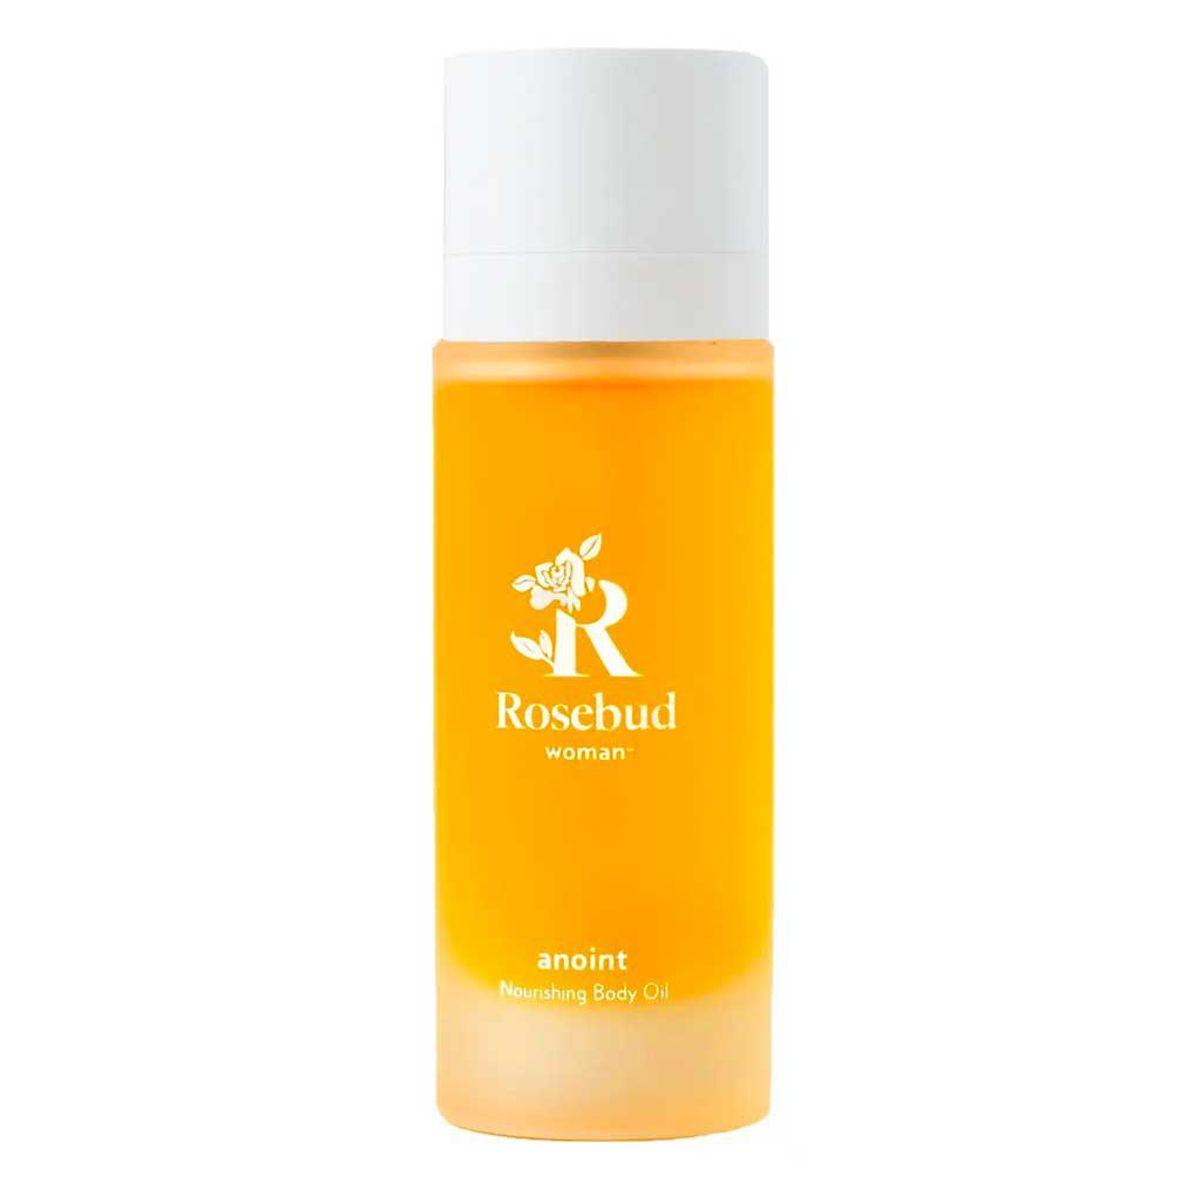 rosebud woman anoint nourishing body oil